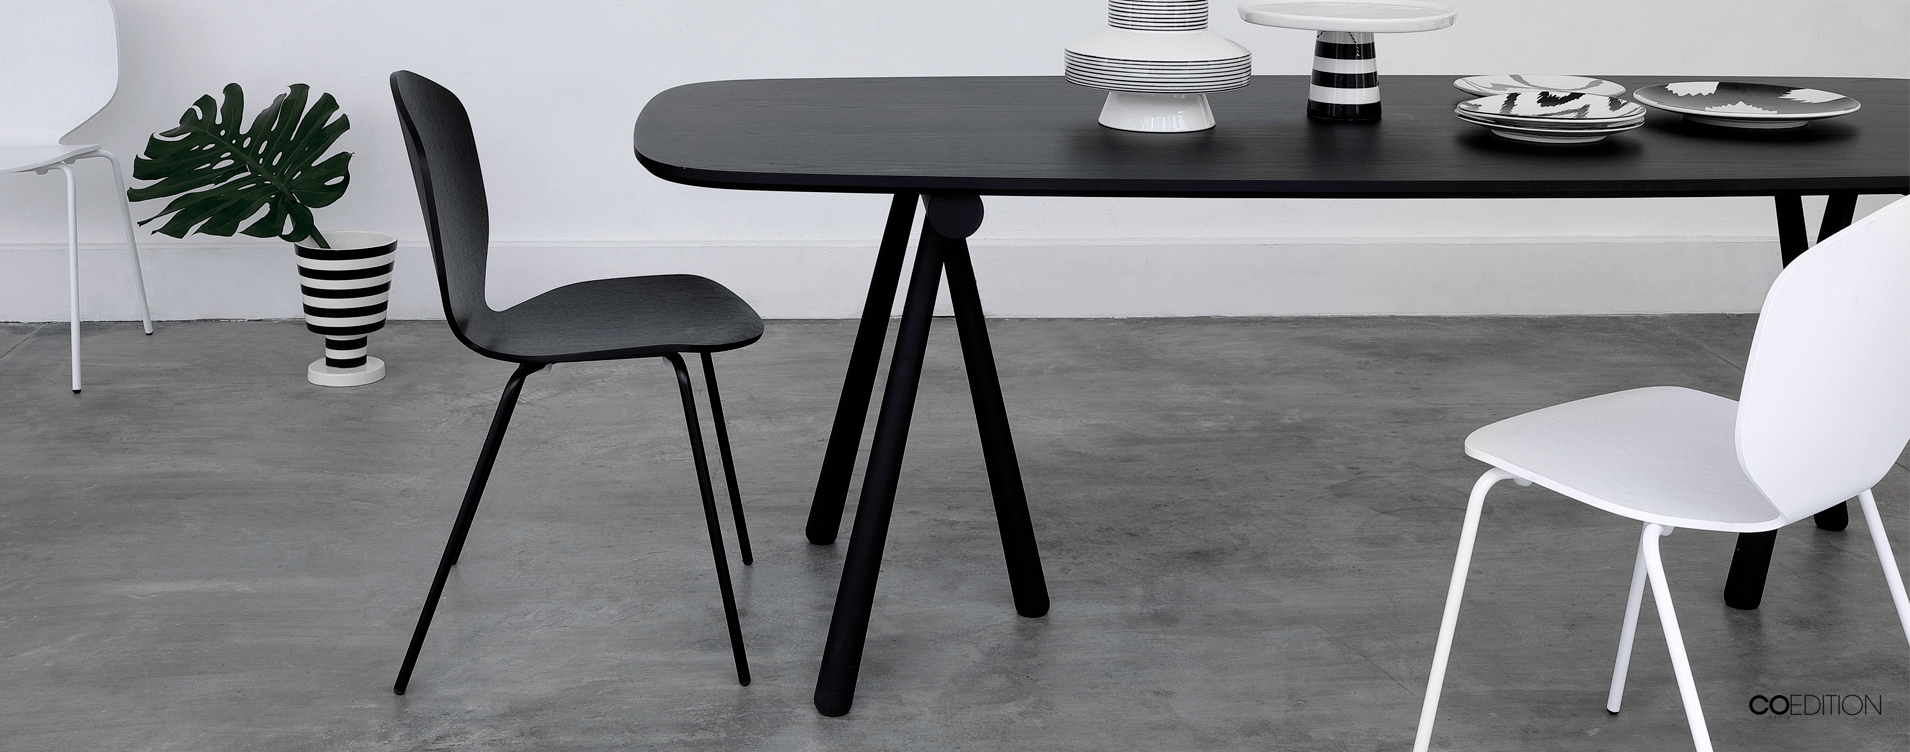 silvera meubles design et contemporain luminaire mobilier de bureau pour professionnels. Black Bedroom Furniture Sets. Home Design Ideas